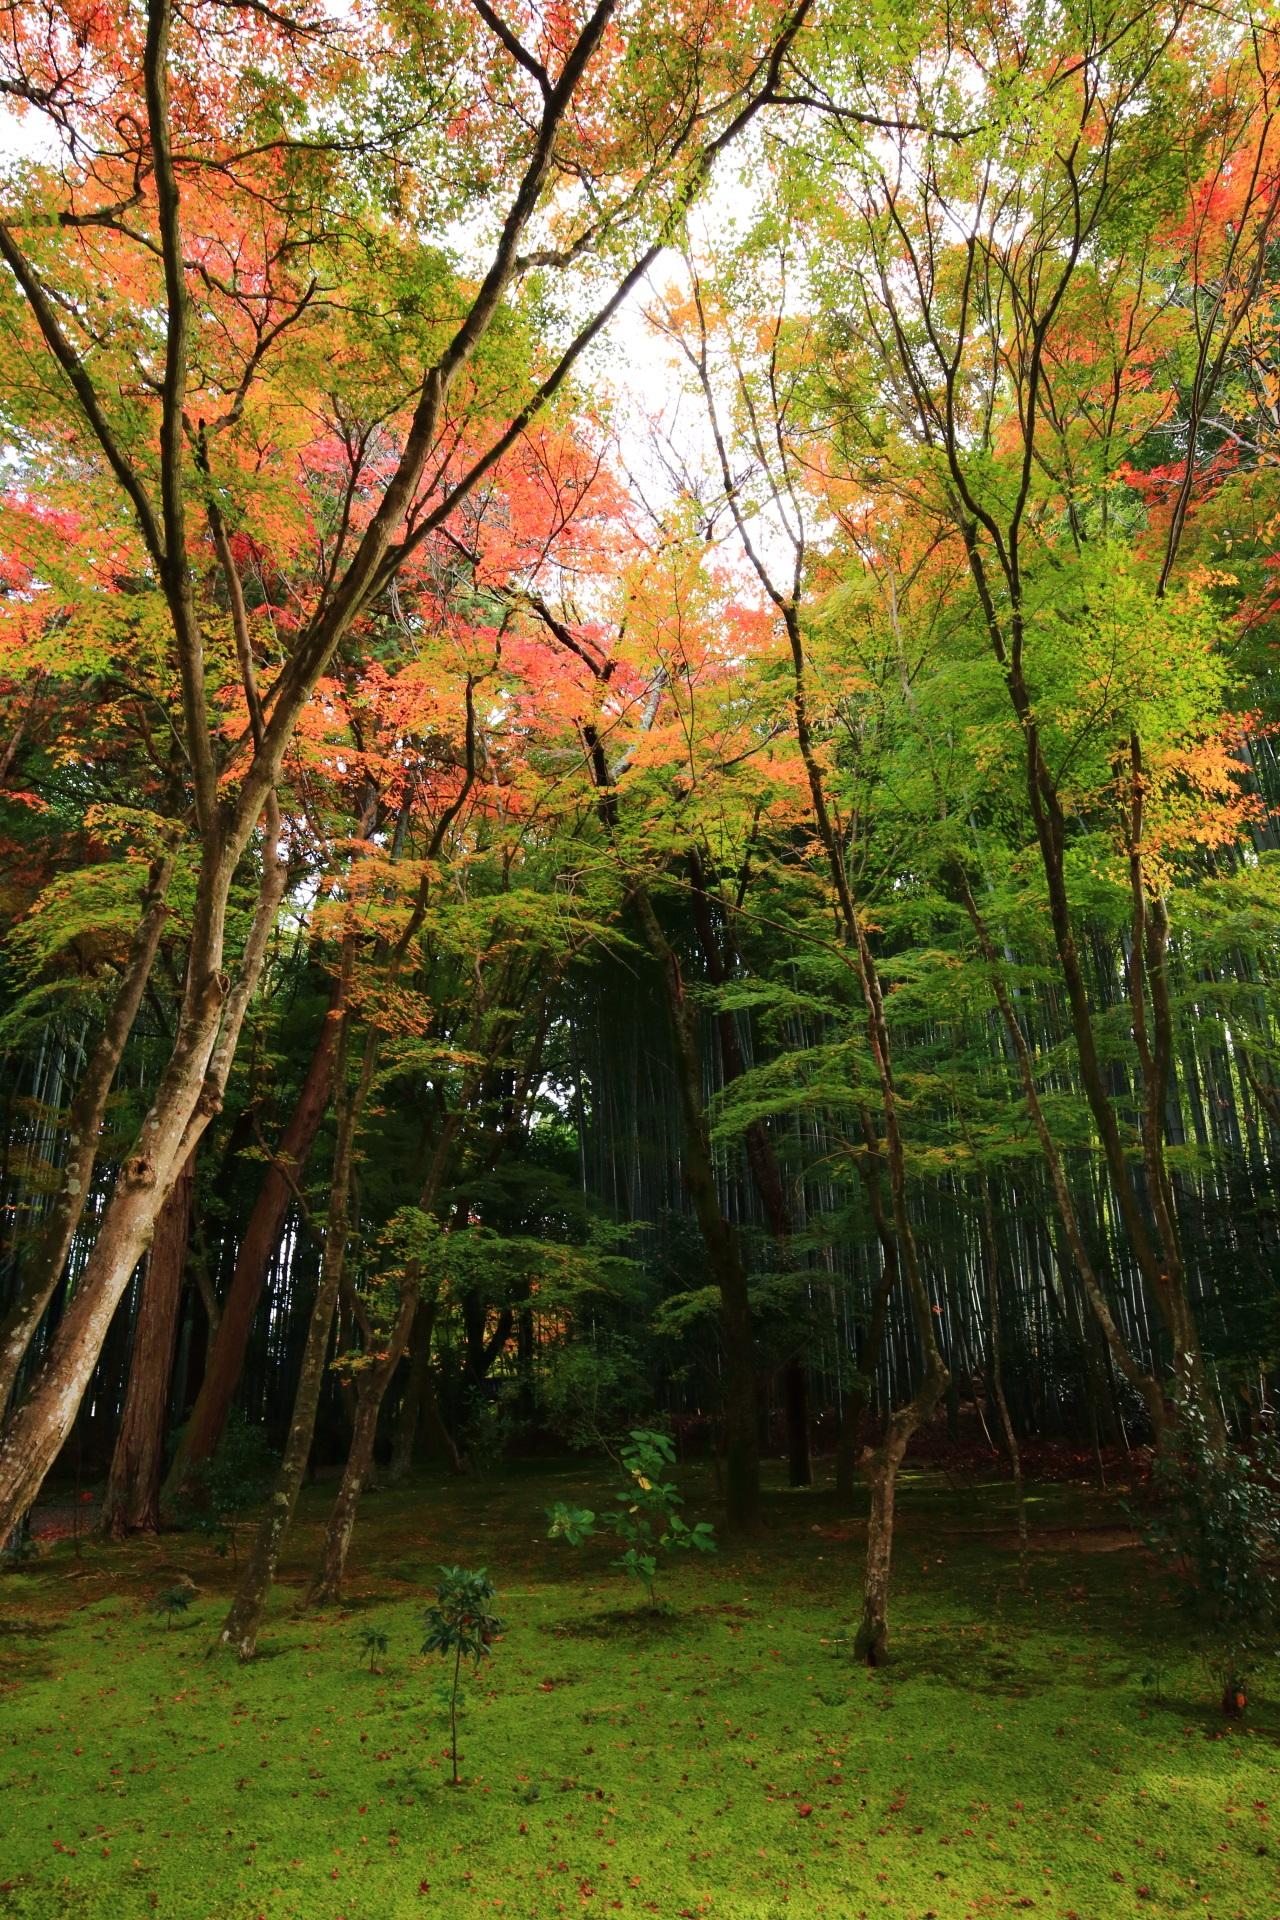 竹の寺地蔵院の本堂前の竹林と紅葉